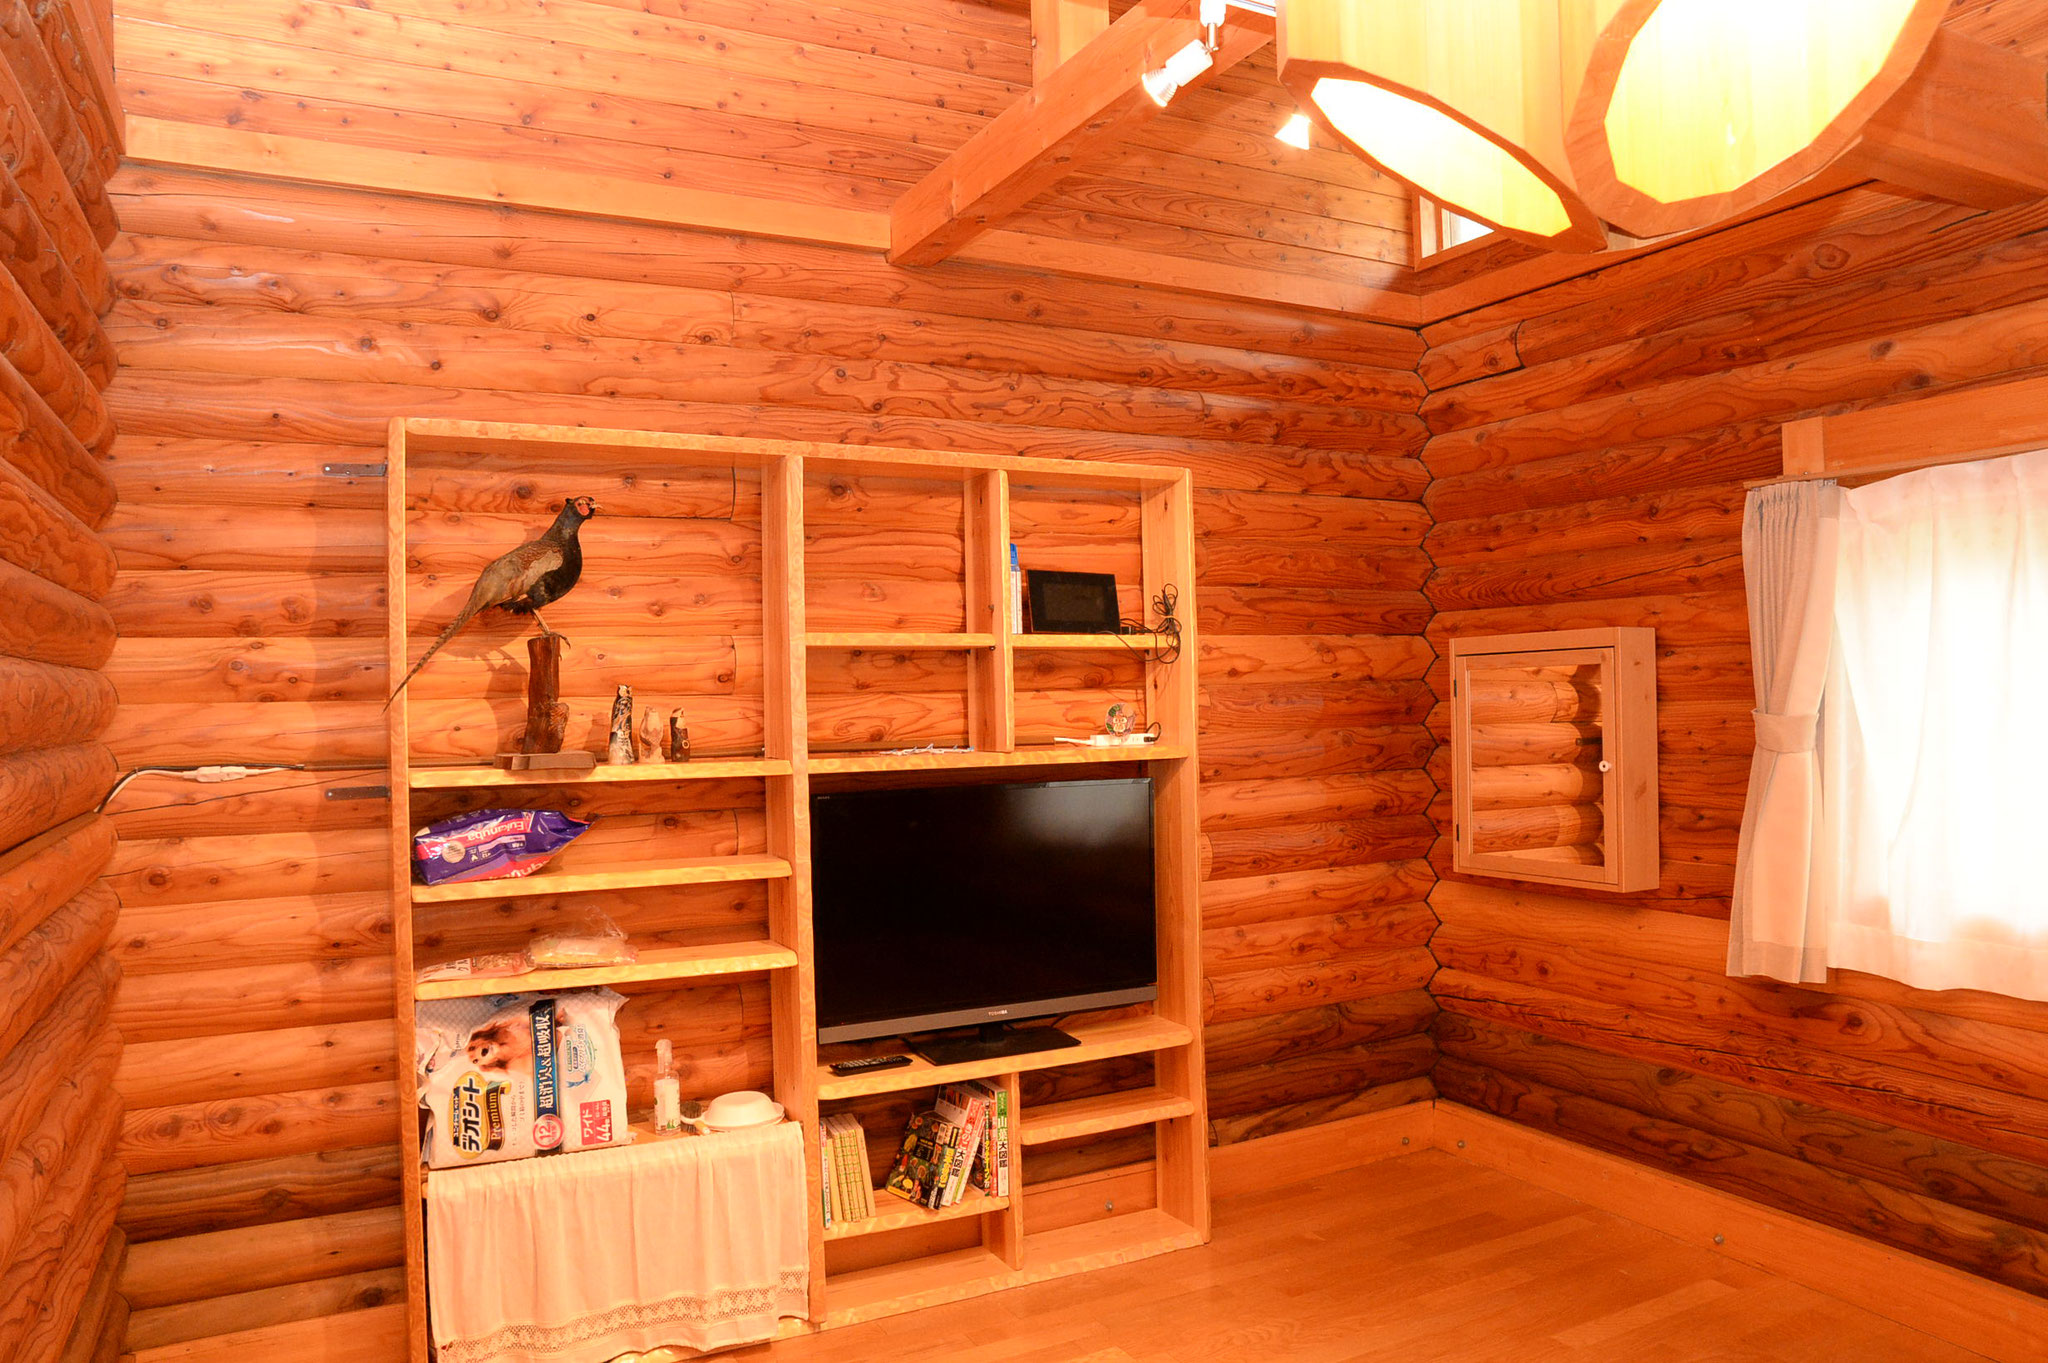 洋間;飾り棚は私の手造りです。飾り棚左下と右のミラーボックスにワンちゃん用品を入れています。